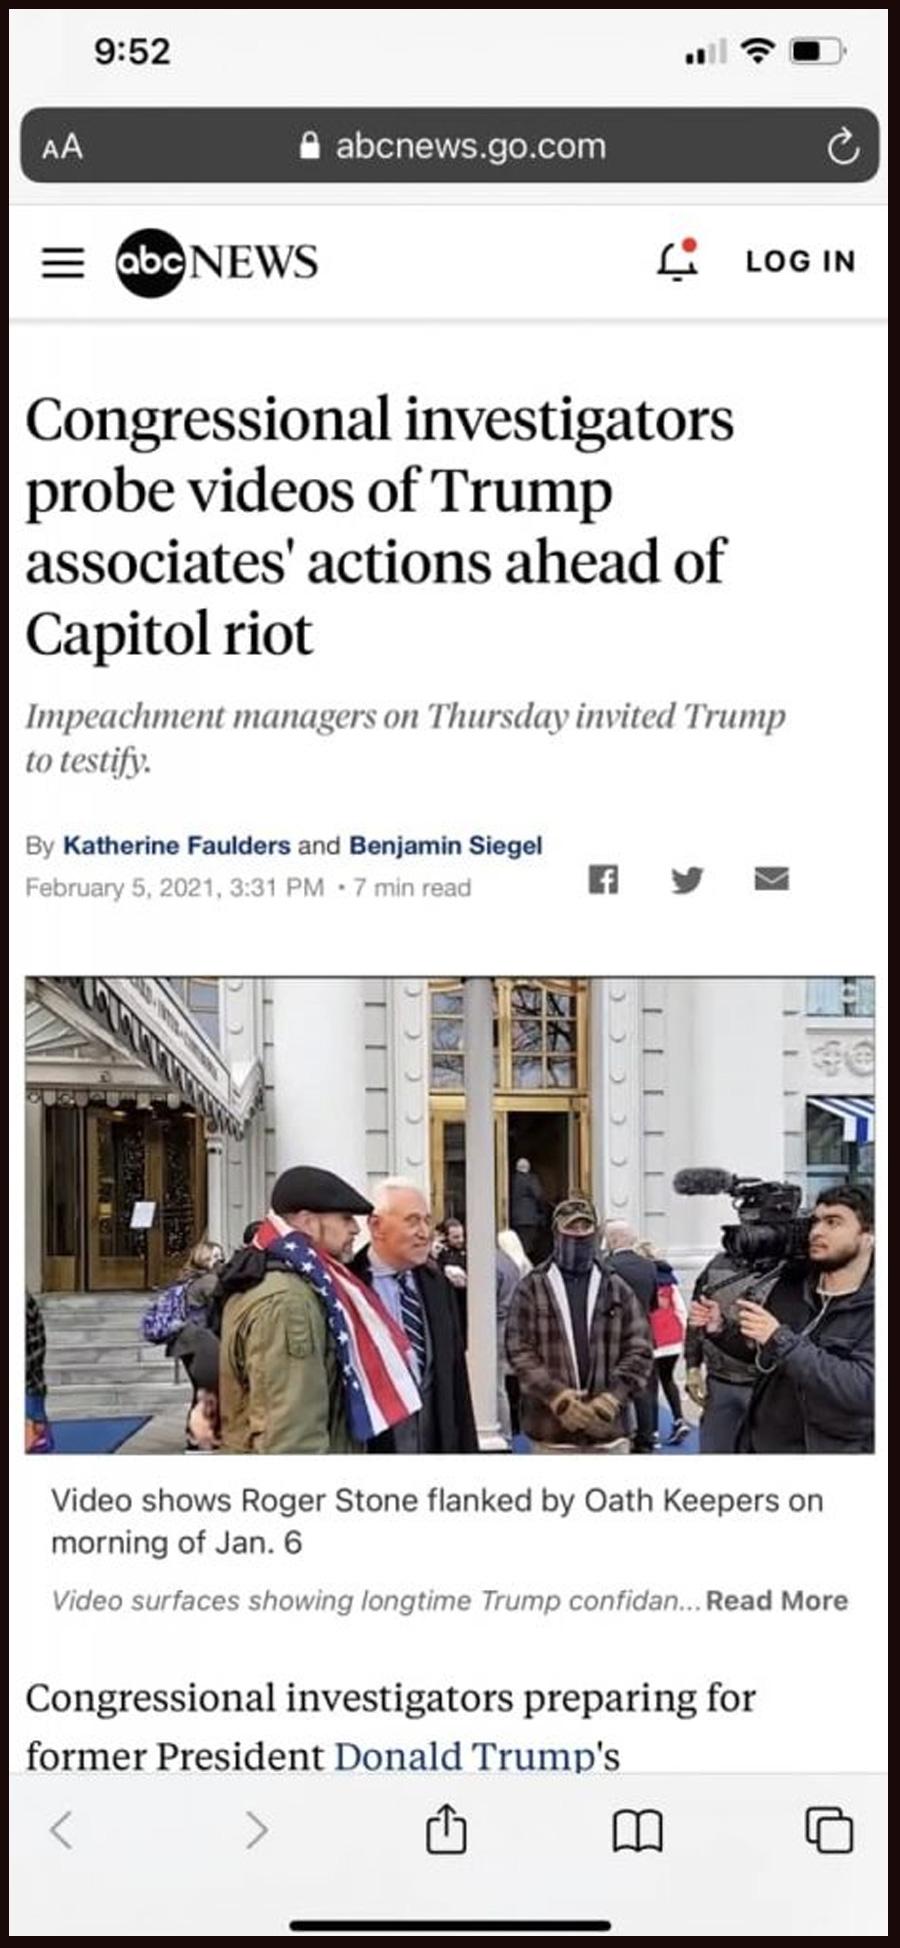 Congressional investigators probe videos of Trump associates' actions ahead of Capitol riot